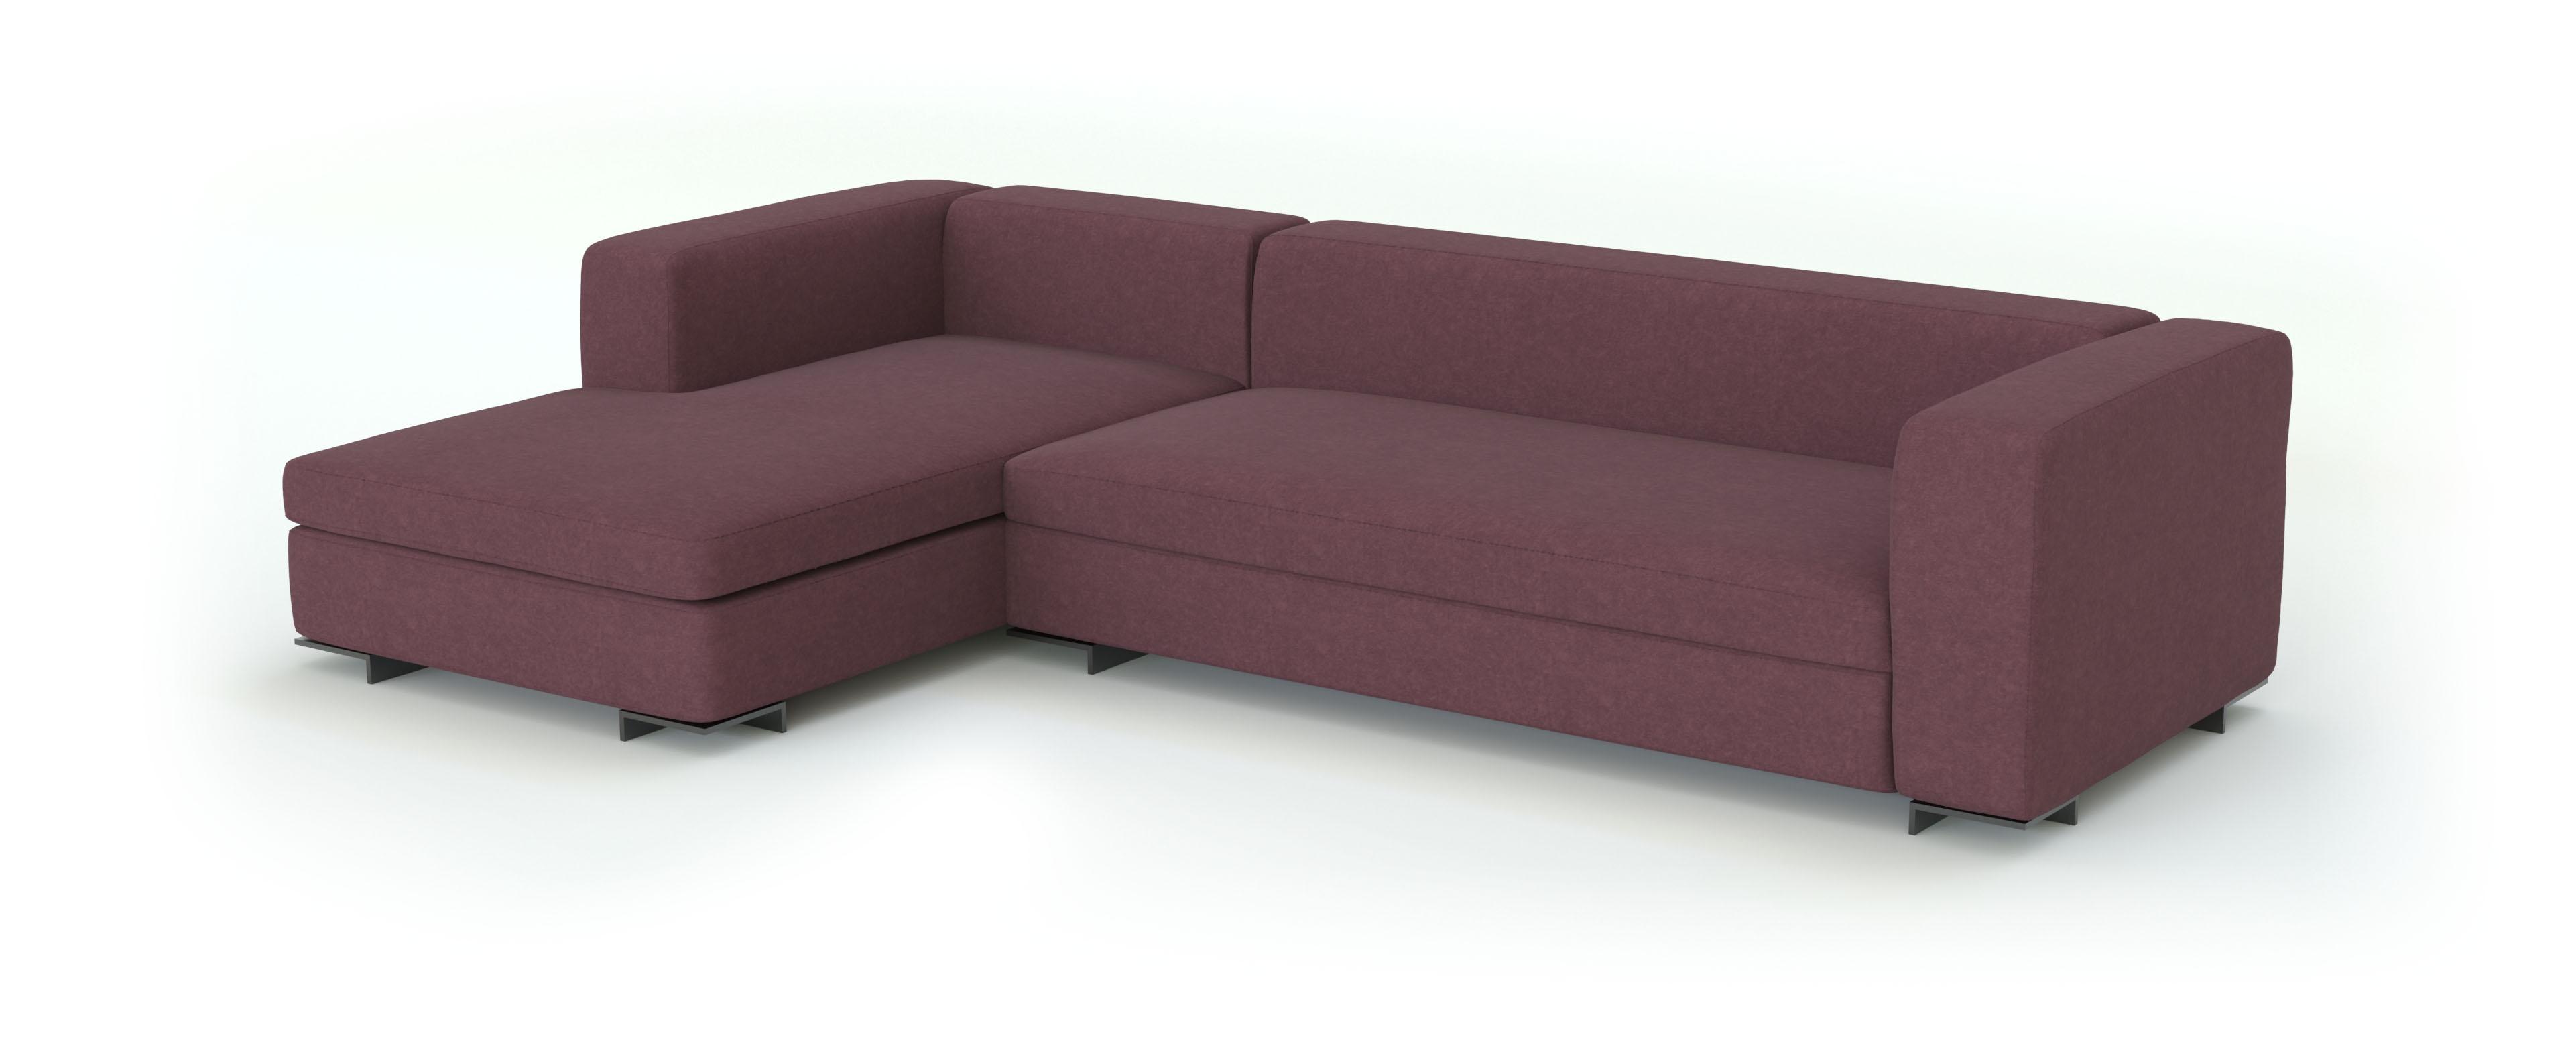 флок ткань для мебели 3d модель дивана